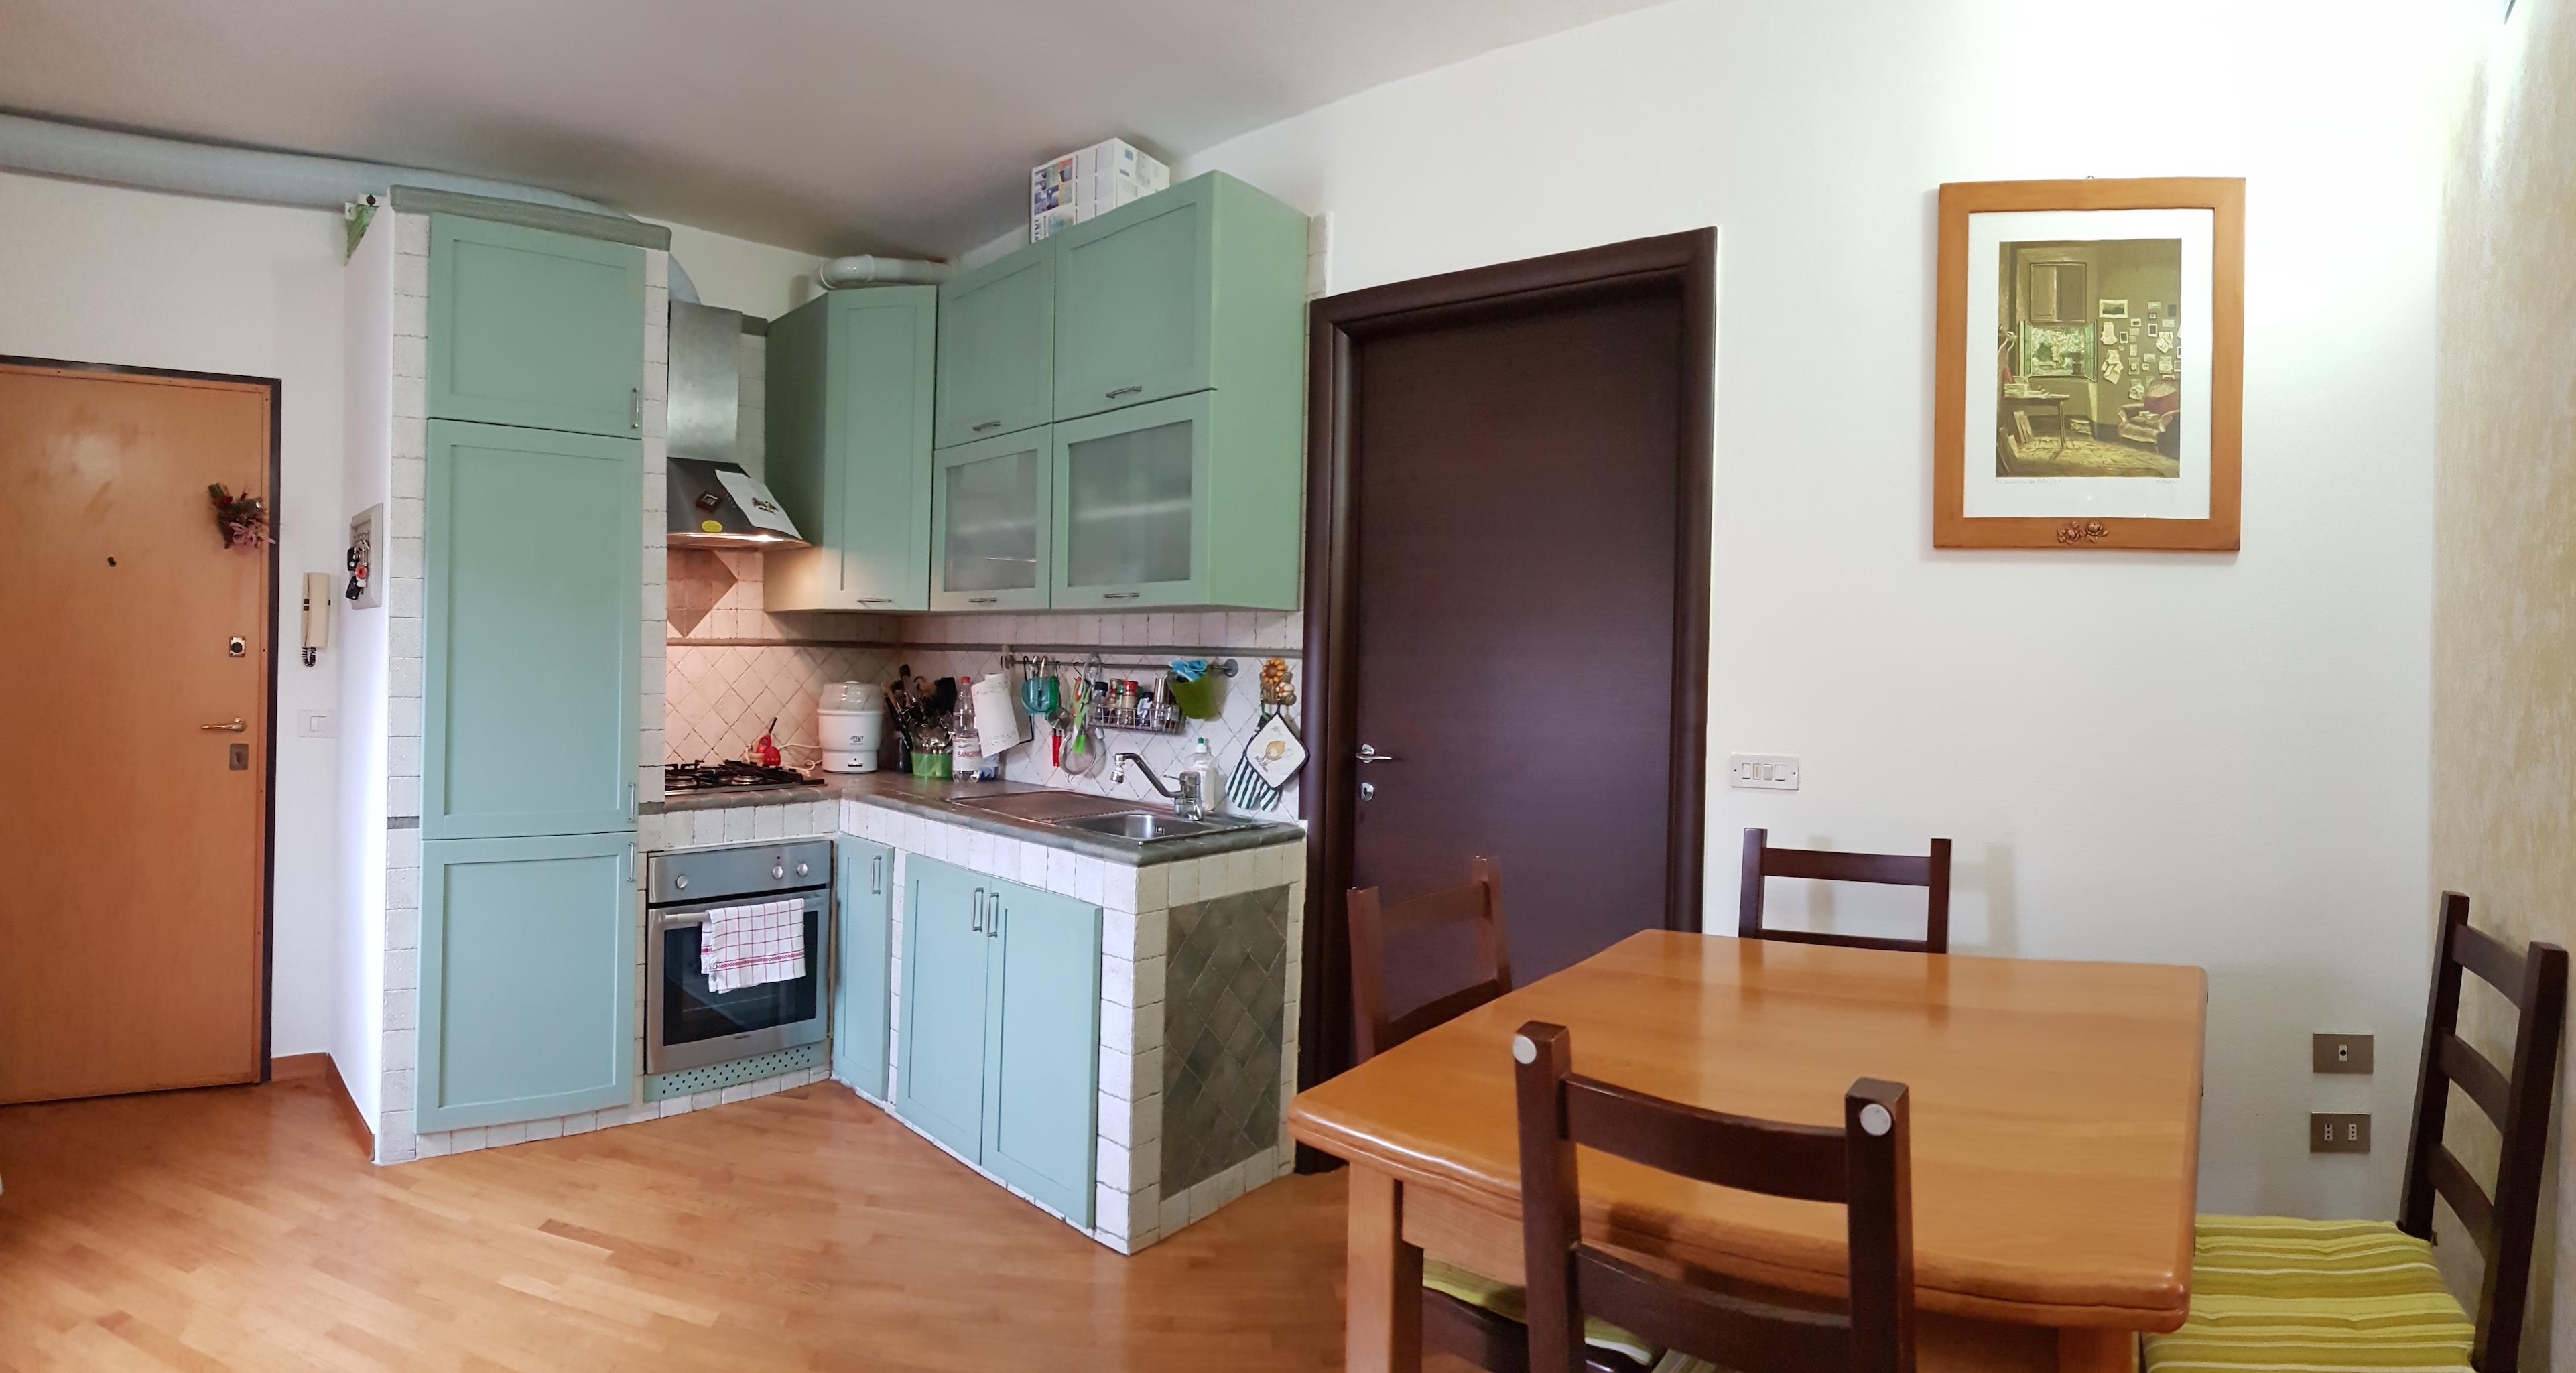 Appartamento Bilocale completamente ristrutturato